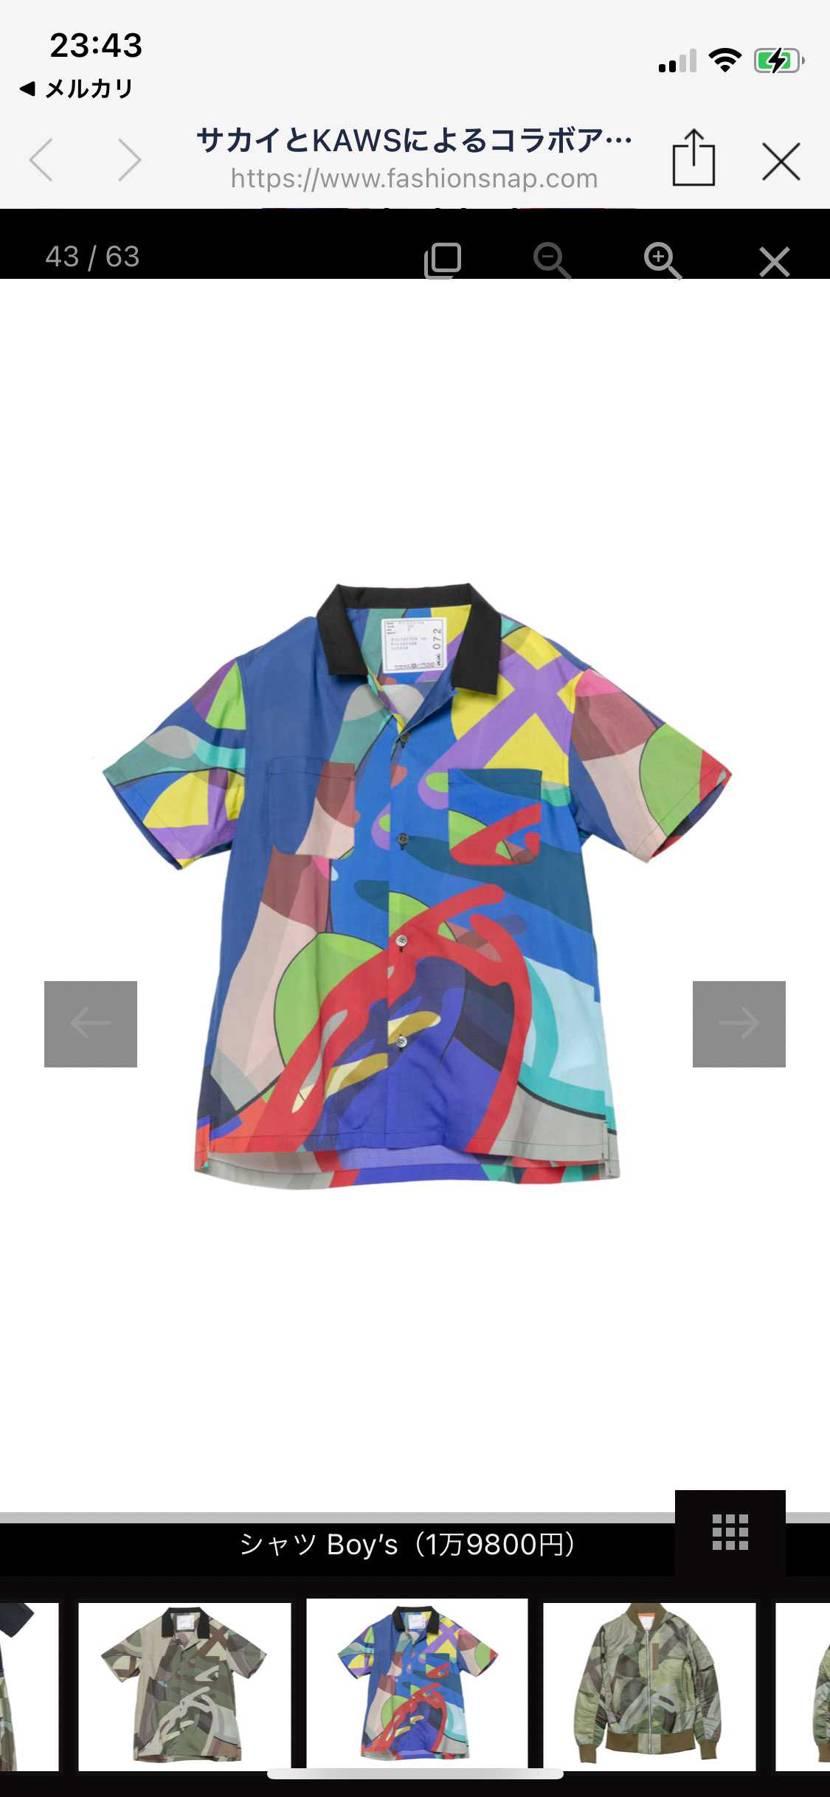 スニーカー関係ない質問ですいません💦 このブランドのシャツなんですか?💦